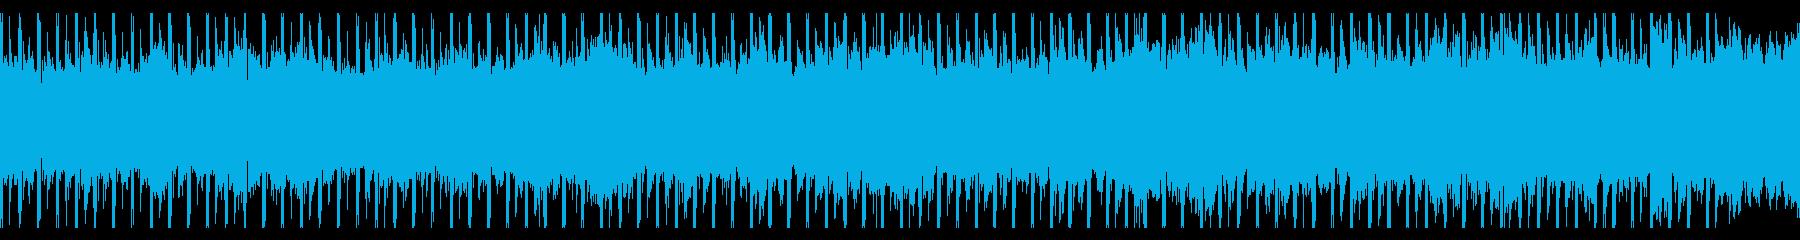 あなたの中のモチベーション(ループ)の再生済みの波形